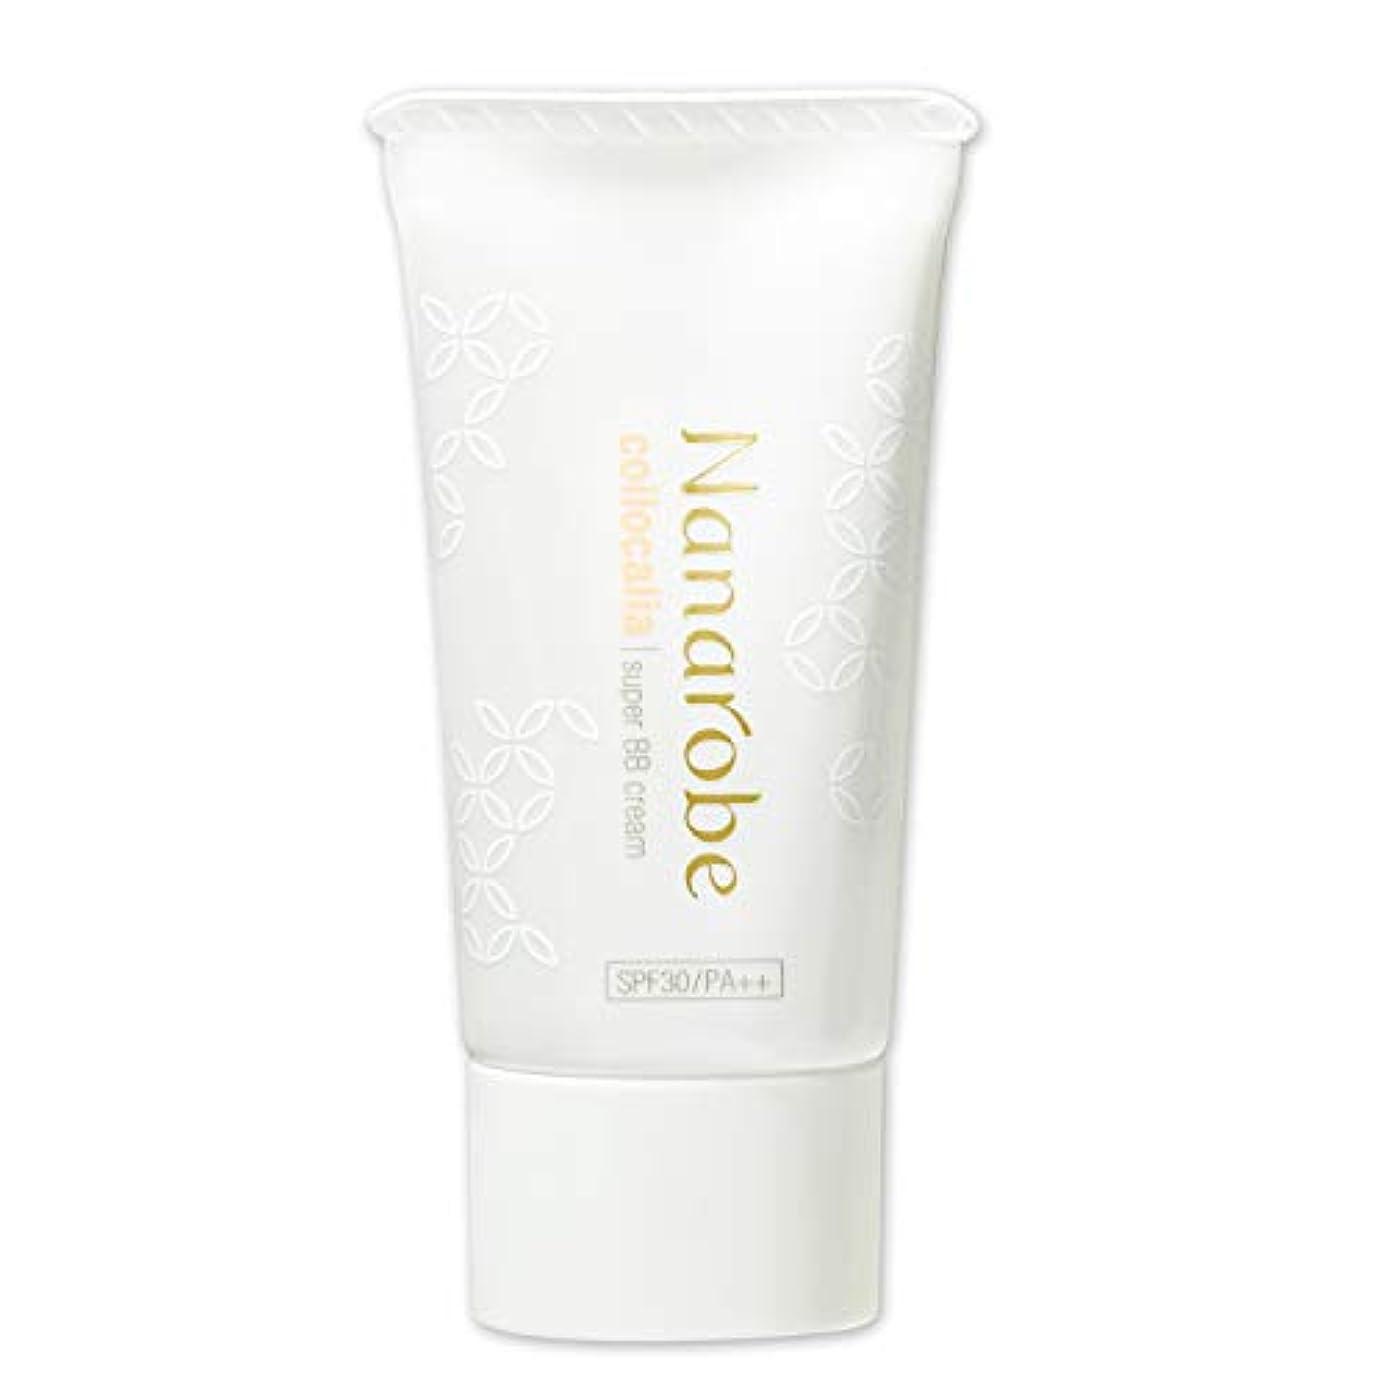 コミット累積発生するナナローブ (Nanarobe) BBクリーム 化粧下地 ファンデーション コロカリア UV SPF30 PA++ 30g